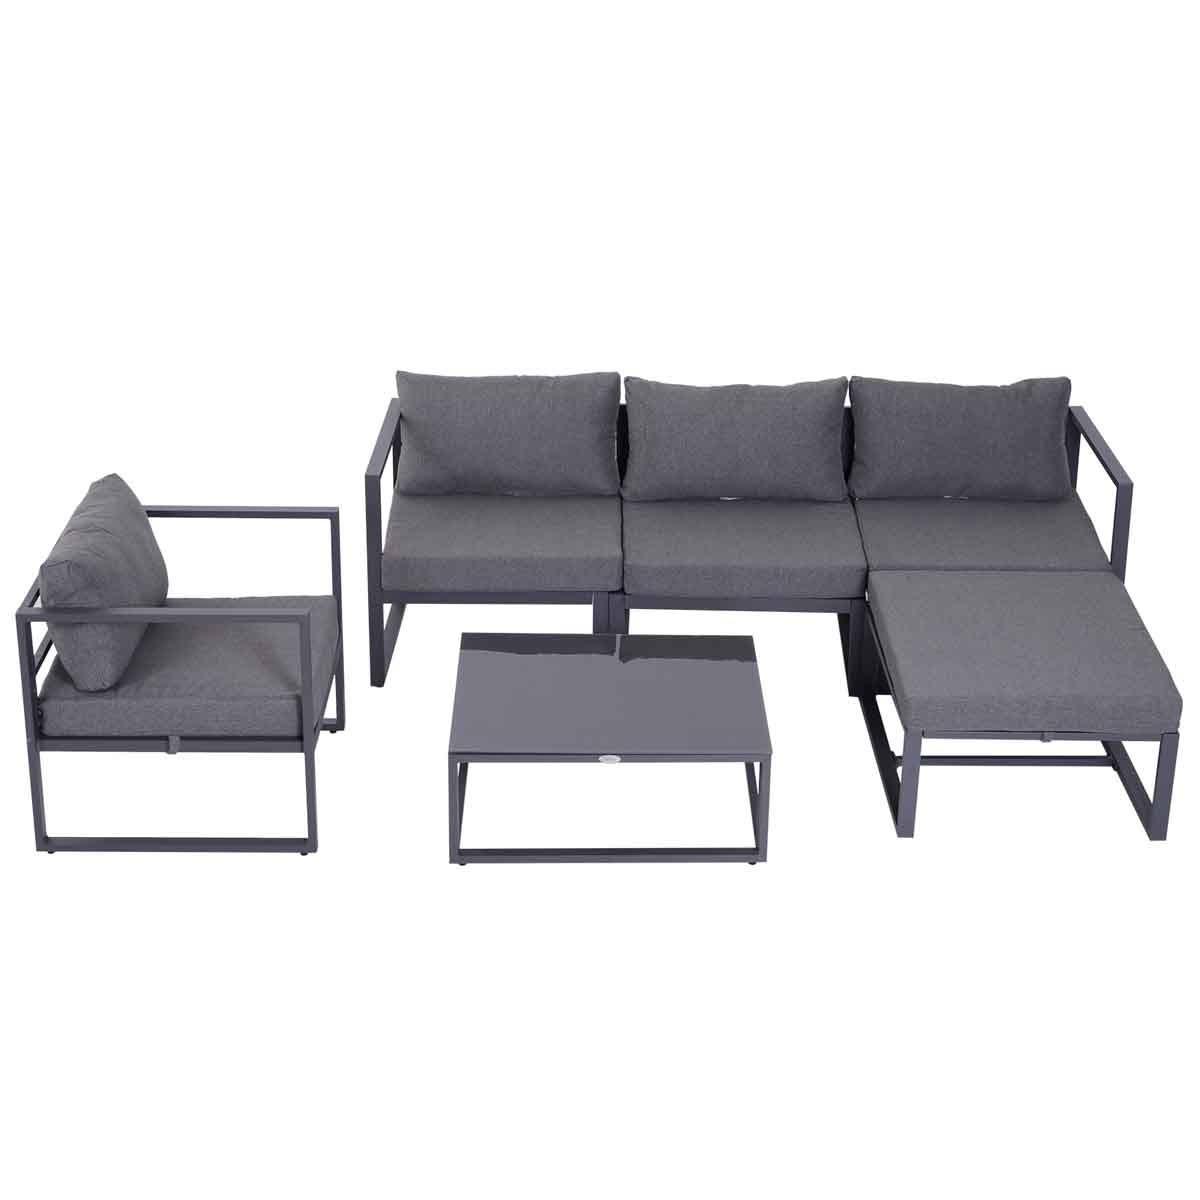 Outsunny 6 Piece Modular Garden Sofa Set - Grey